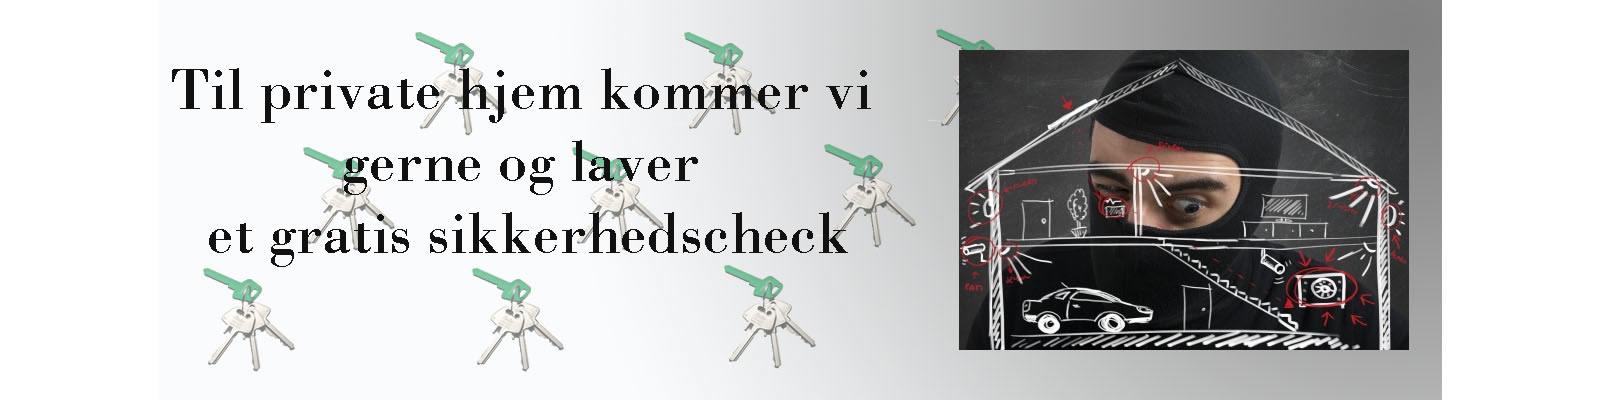 låsesmed sikkerhedscheck